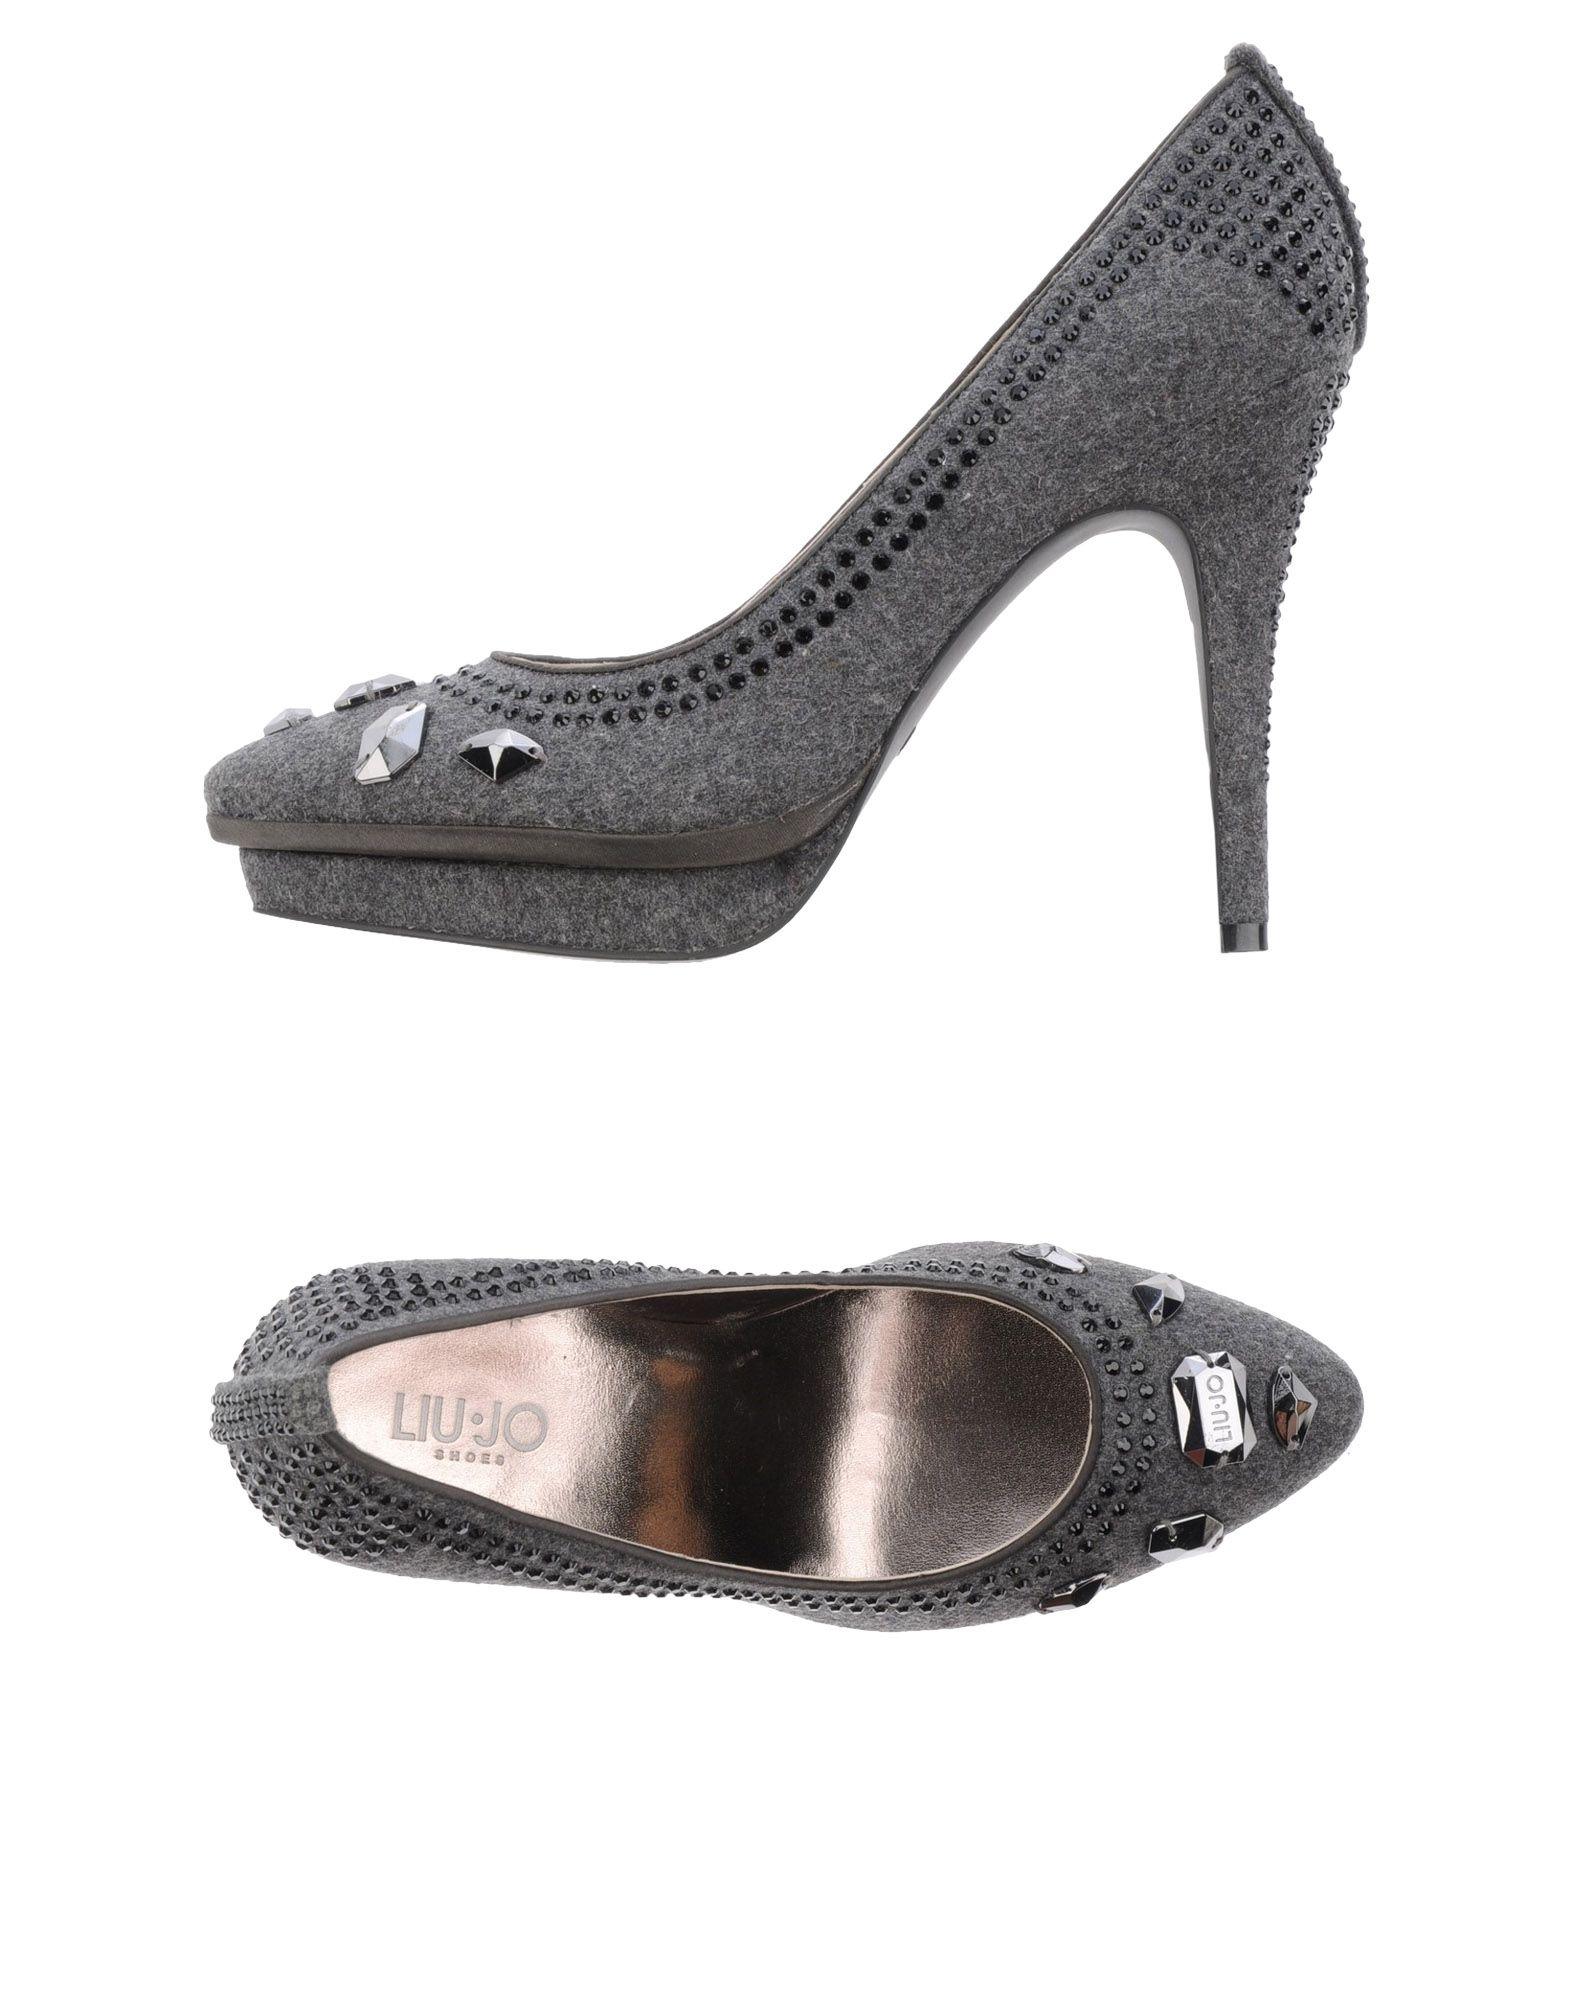 LIU •JO Туфли на платформе обувь на высокой платформе 1405103495245 2015